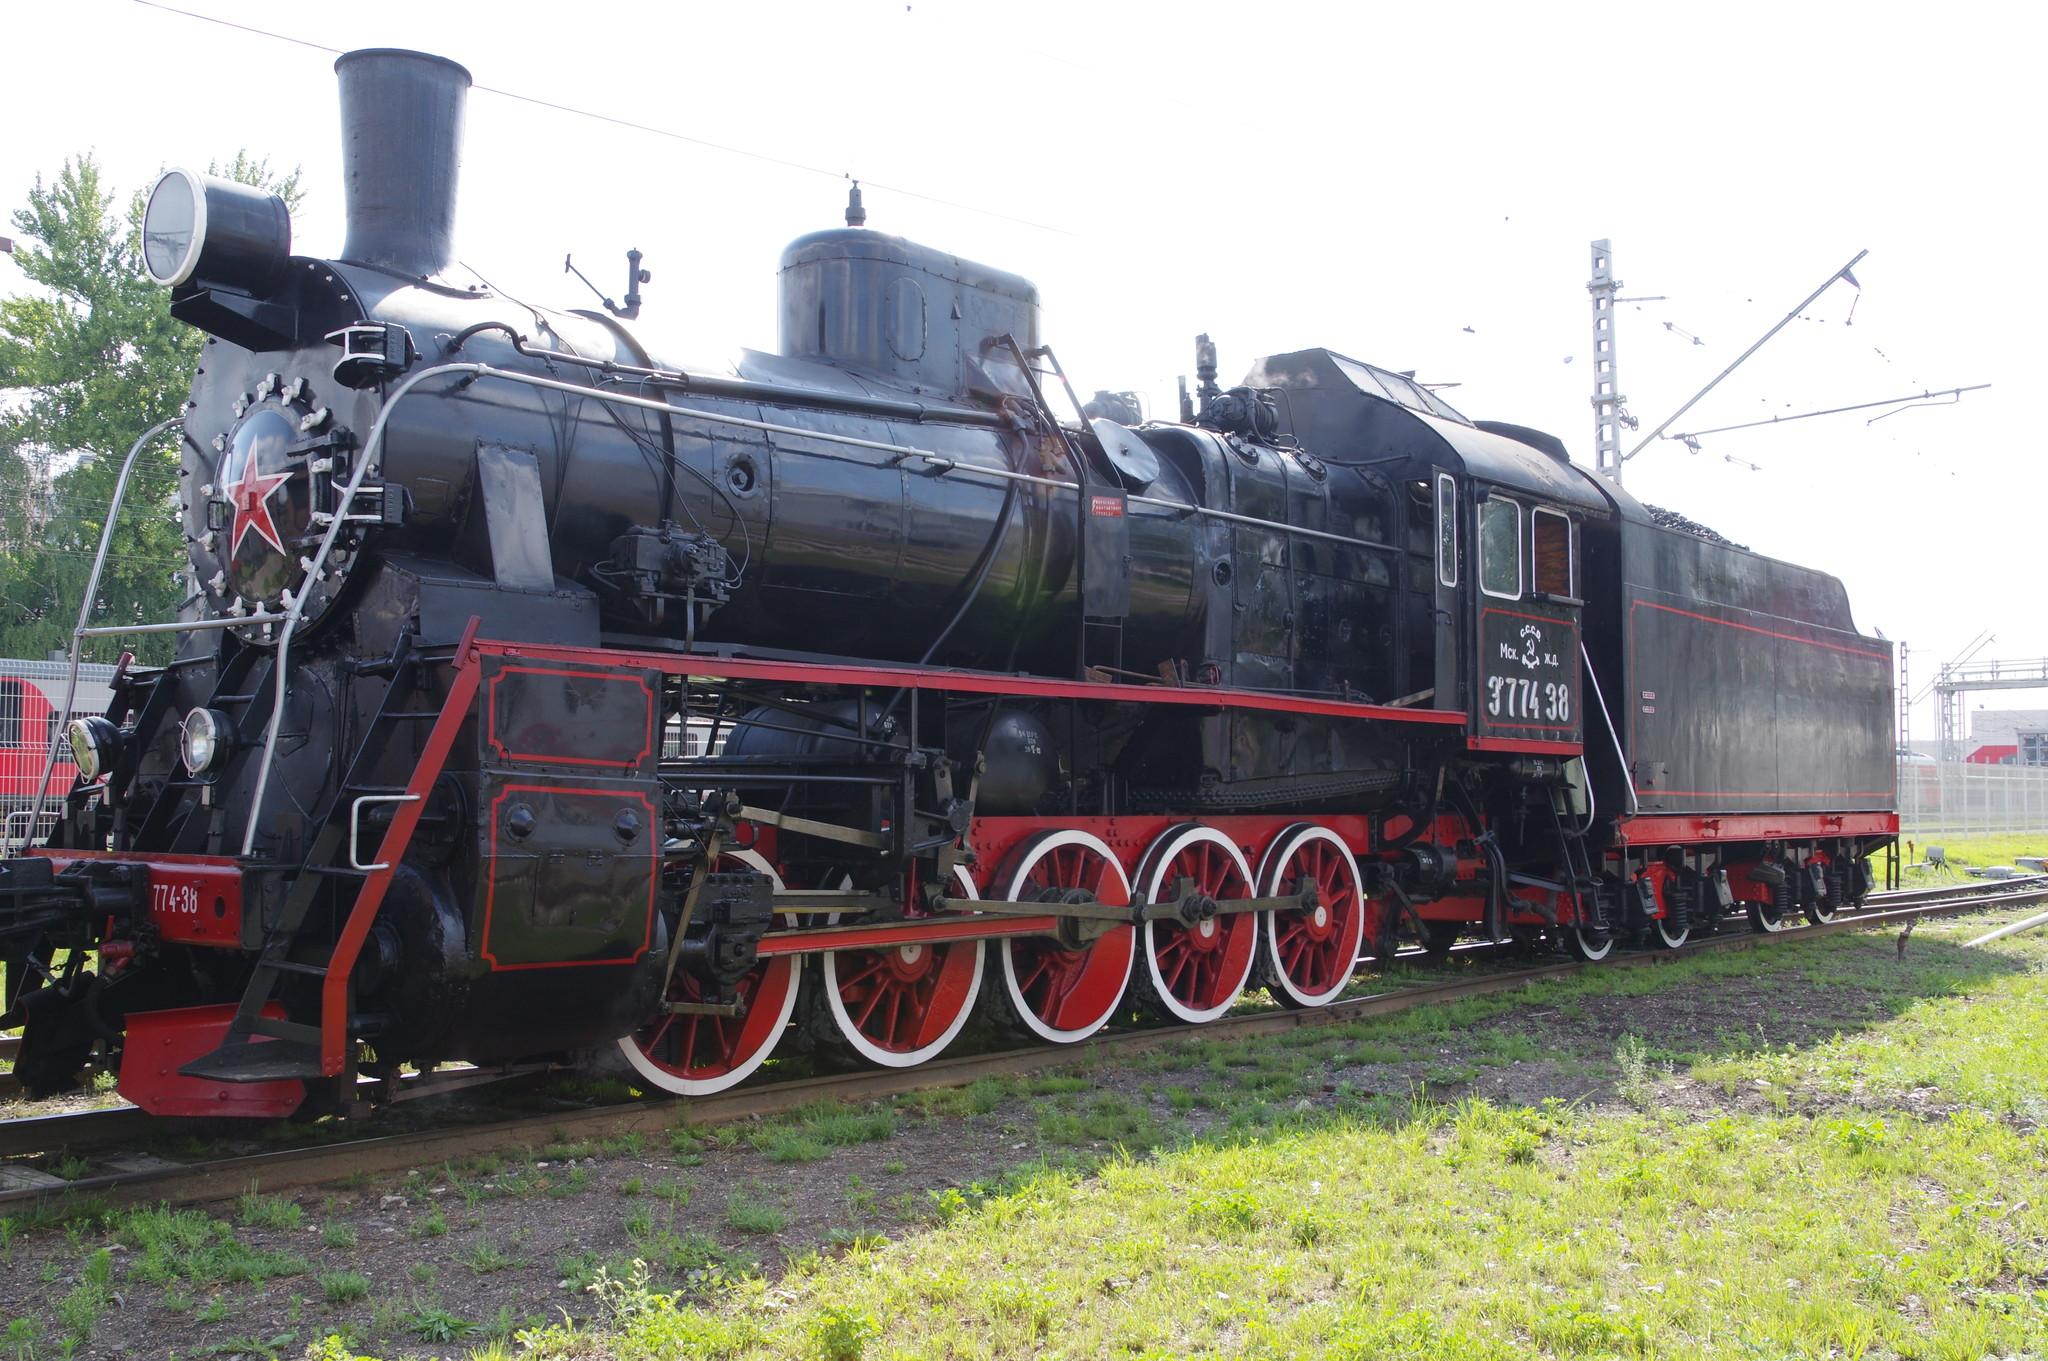 Грузовой паровоз ЭР-774-38